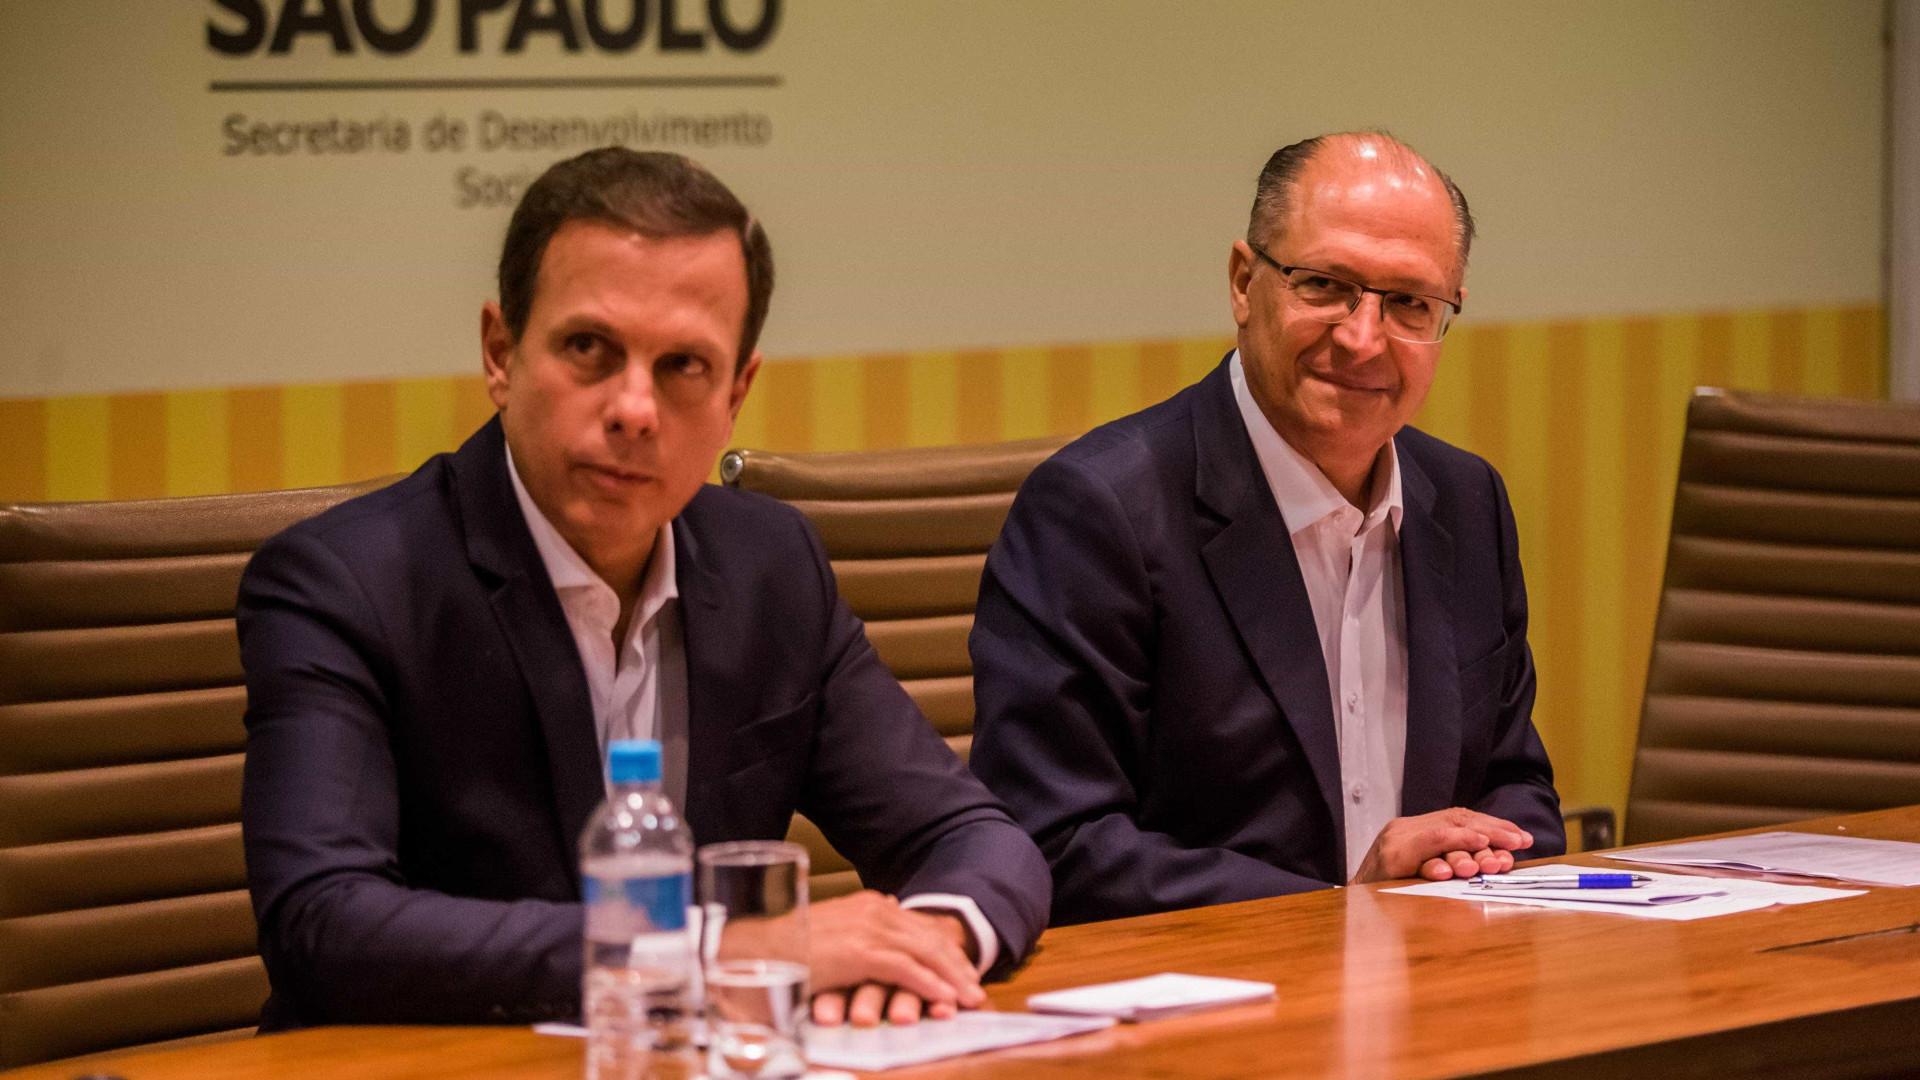 Doria e Alckmin defendem desembarque do PSDB após reformas